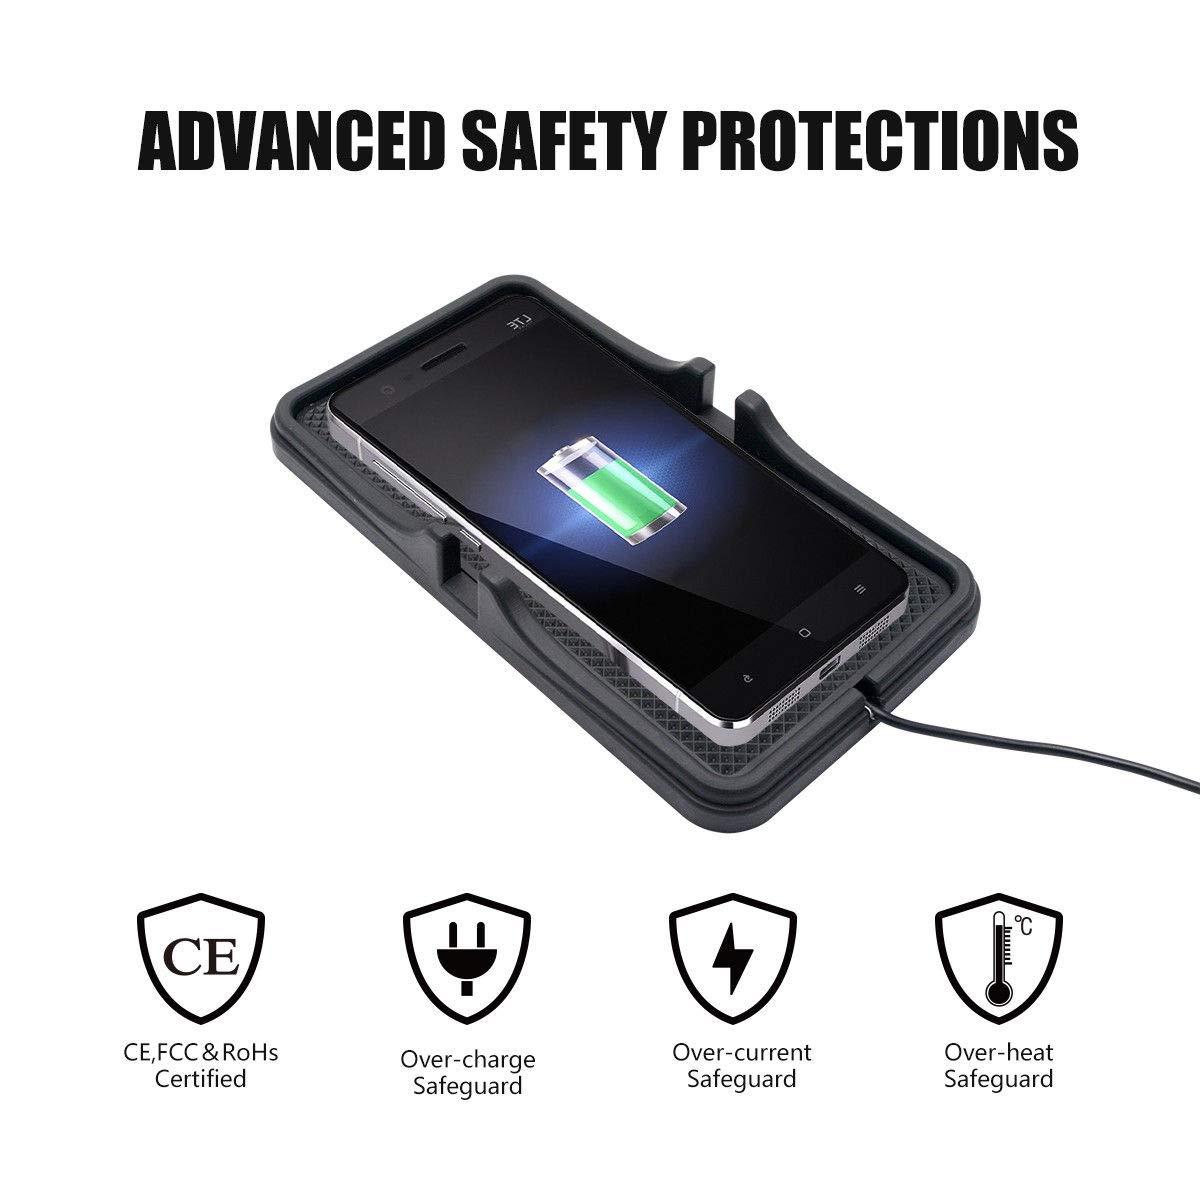 Samsung Galaxy S9 Antideslizante Base de Carga inal/ámbrica 2 en 1 para salpicadero de Coche con QI de Carga r/ápida de Silicona iPhone 8 Plus para iPhone X MASO iPhone 8 S8 S7e